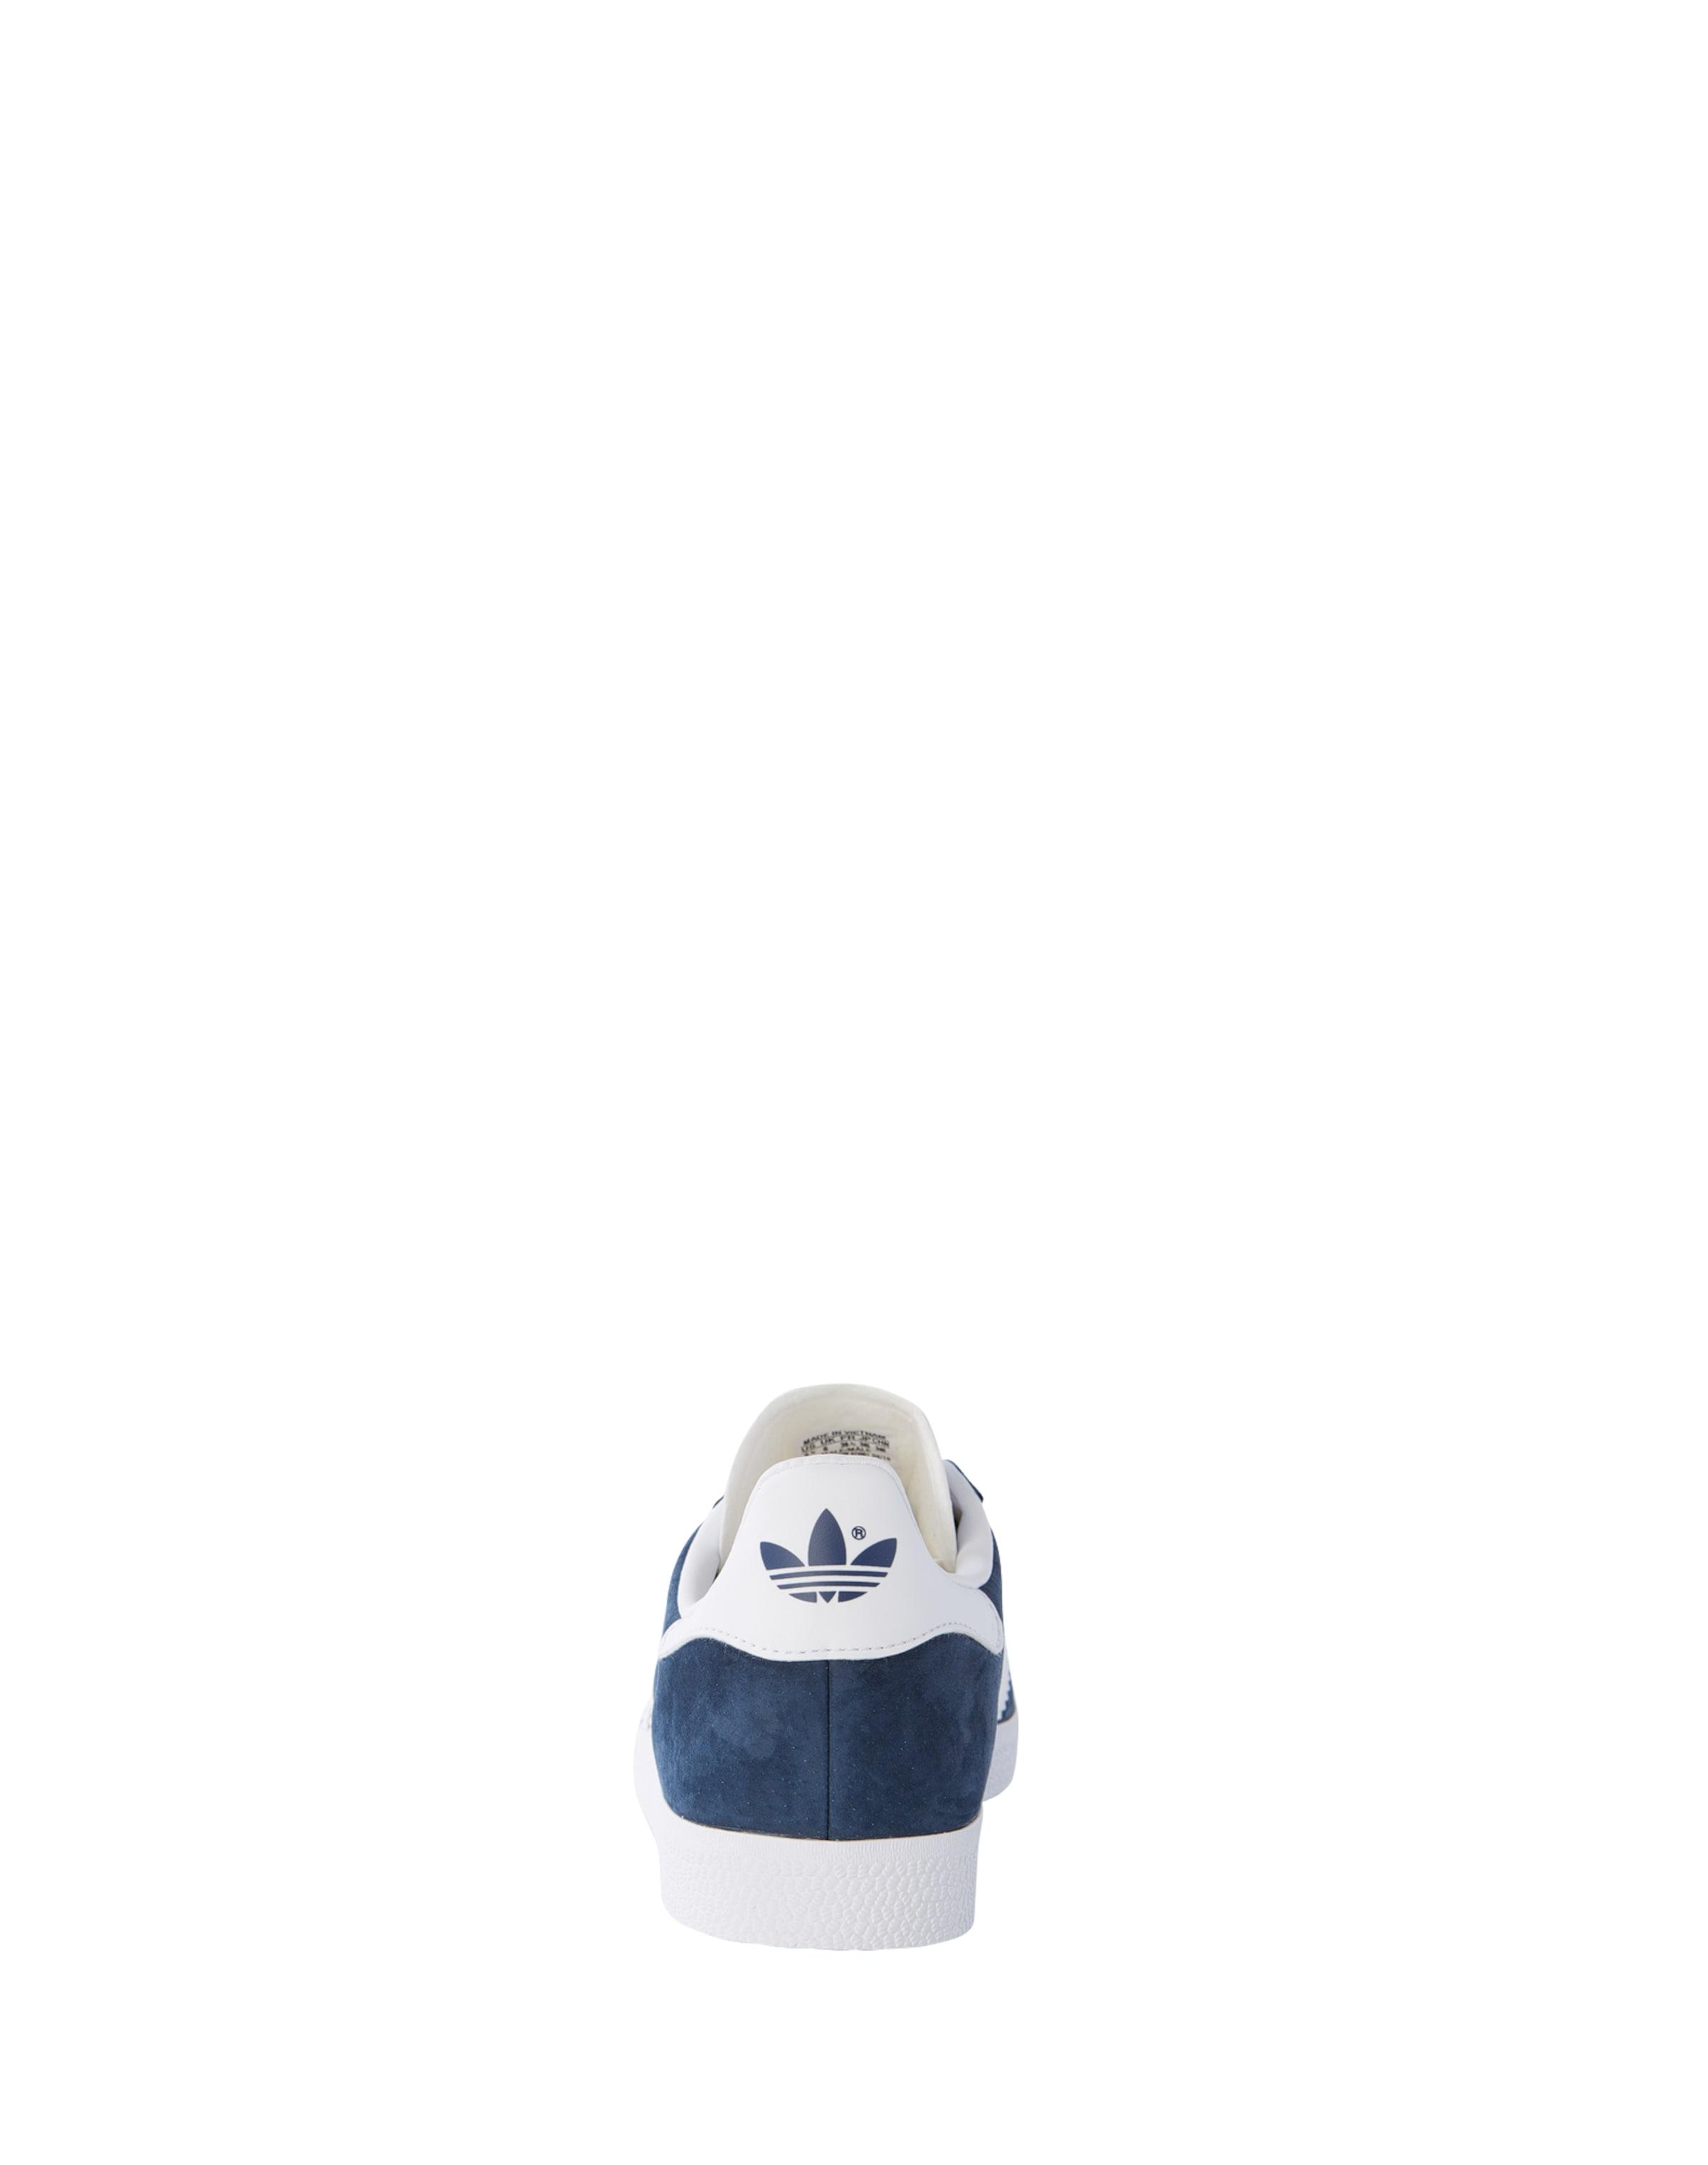 Basses Originals Bleu Baskets En Adidas 'gazelle' Marine YW9IEDH2eb